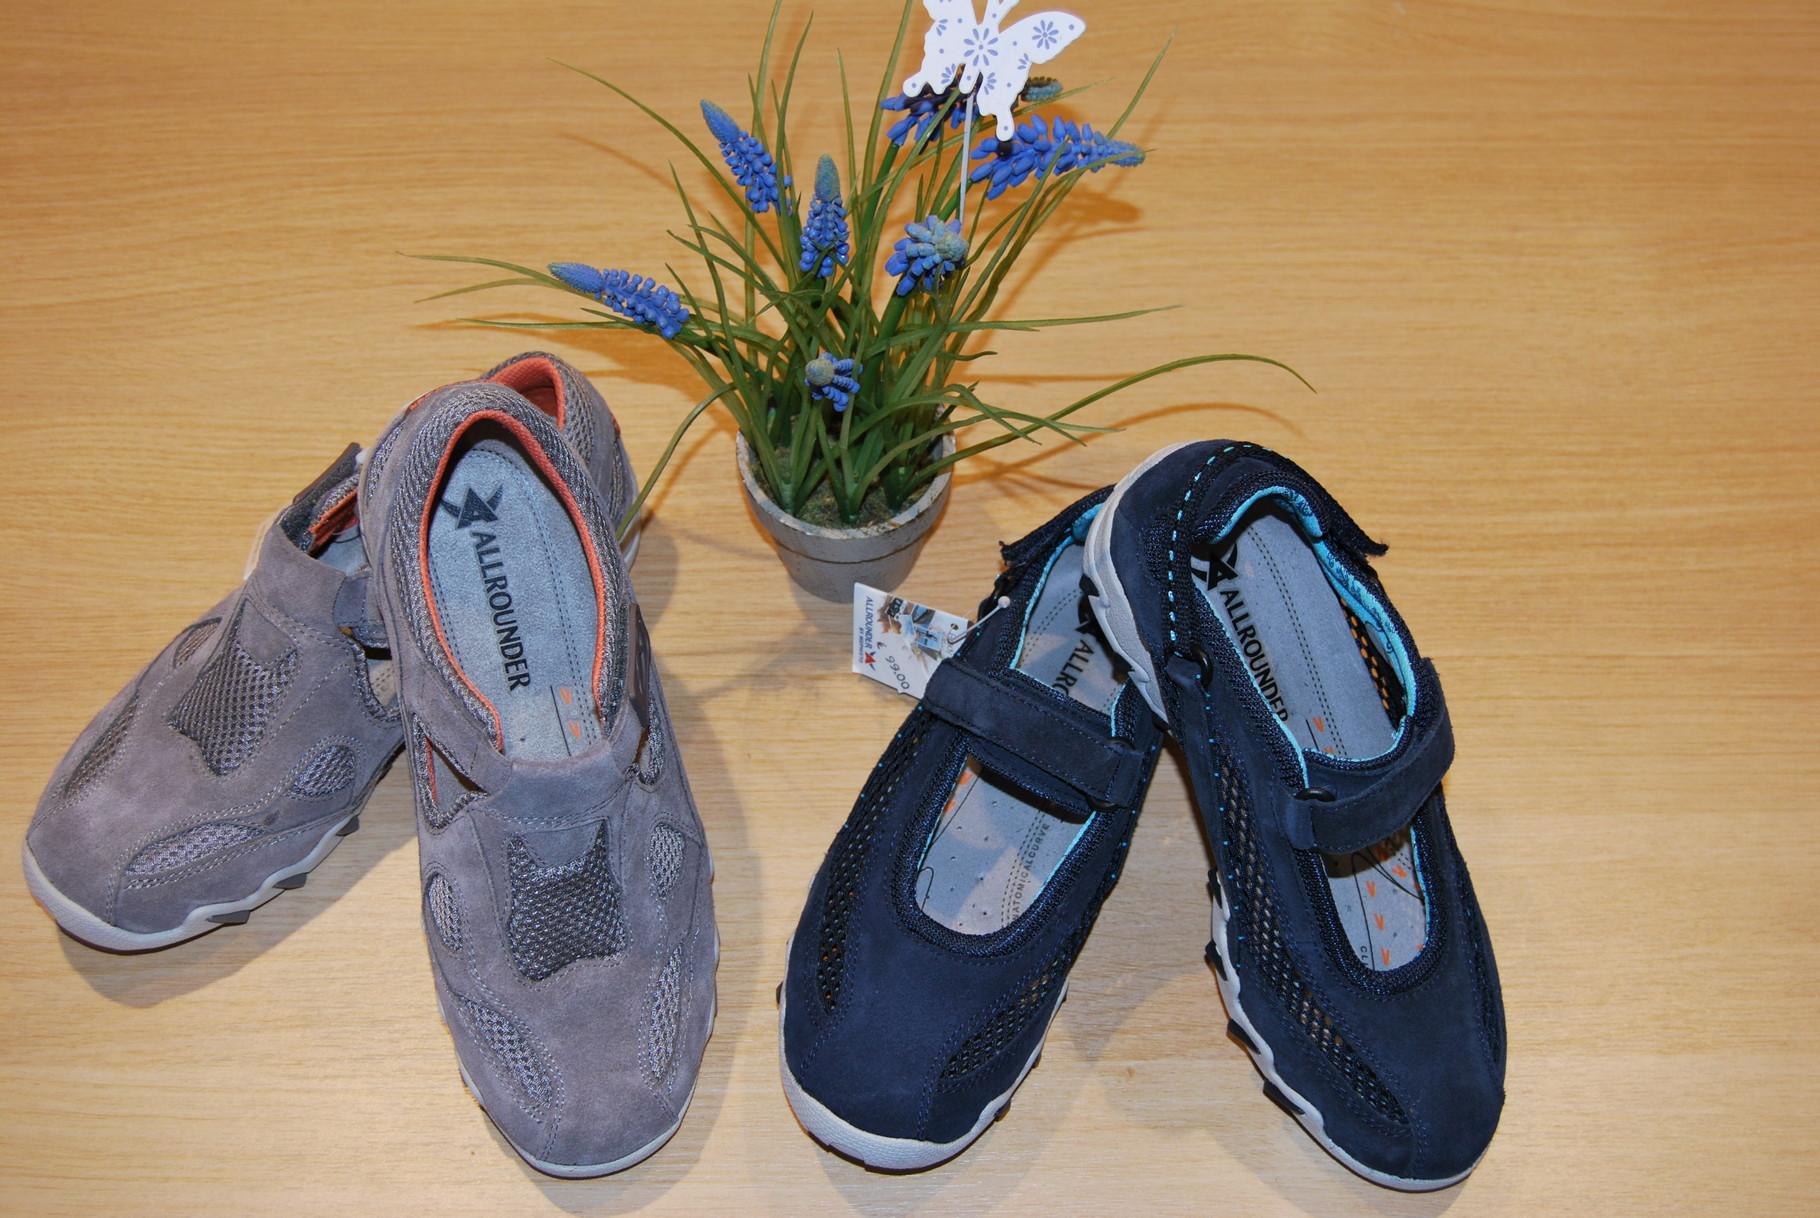 """leichter Schuh mit weichem Leder von """"Allrounder"""" by Mephisto VK 99,90 Euro"""